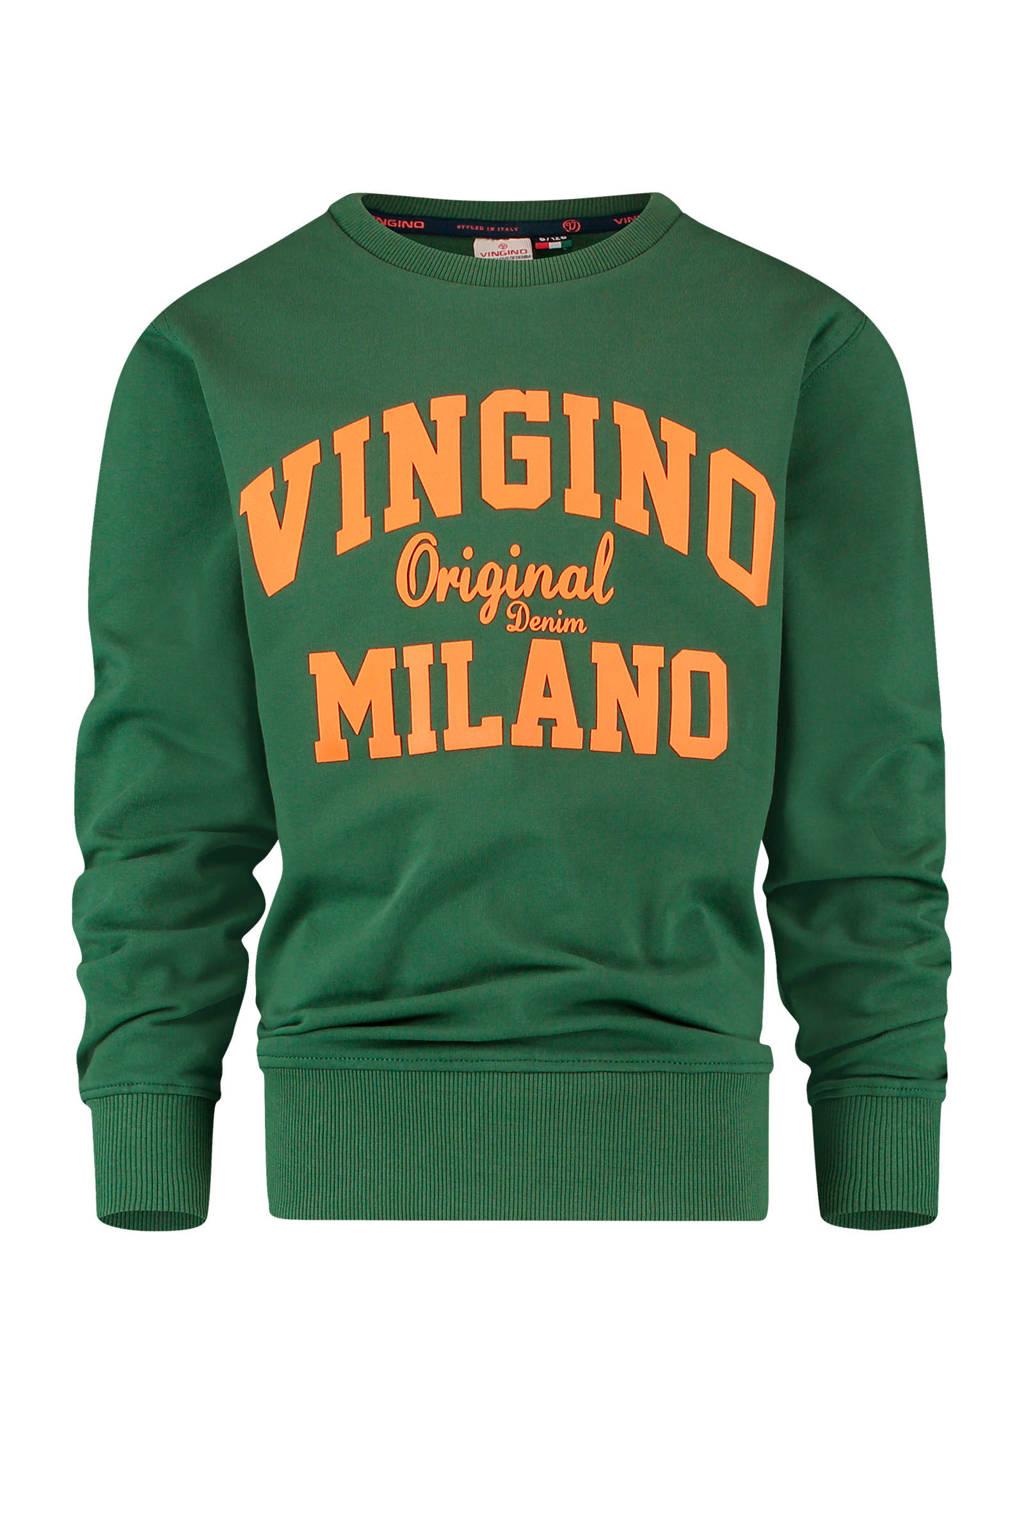 Vingino Essentials sweater met logo donkergroen/oranje, Donkergroen/oranje